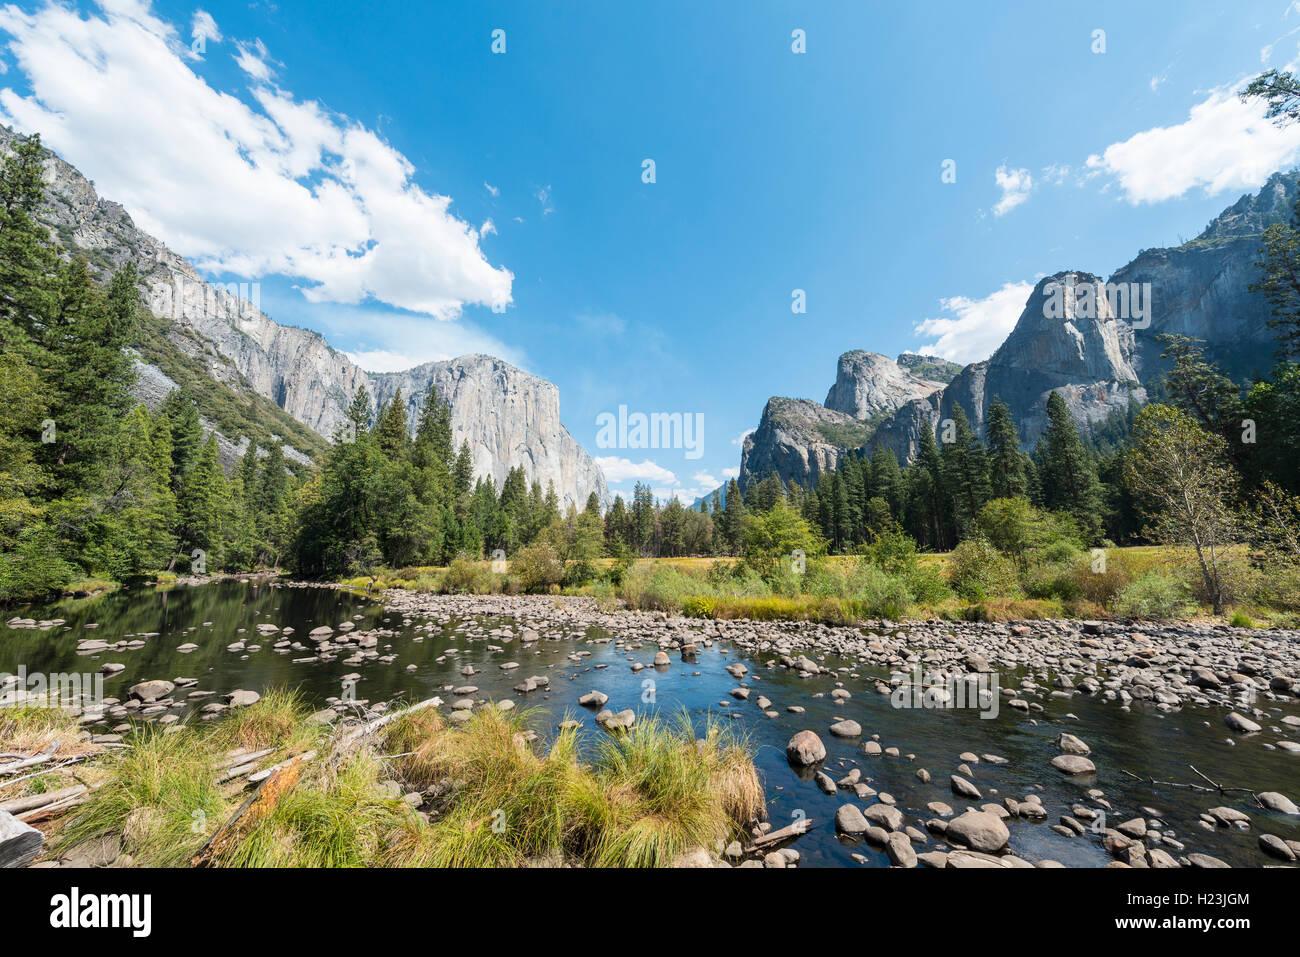 Vue sur la vallée, vue d'El Capitan et la rivière Merced, Yosemite National Park, California, USA Banque D'Images